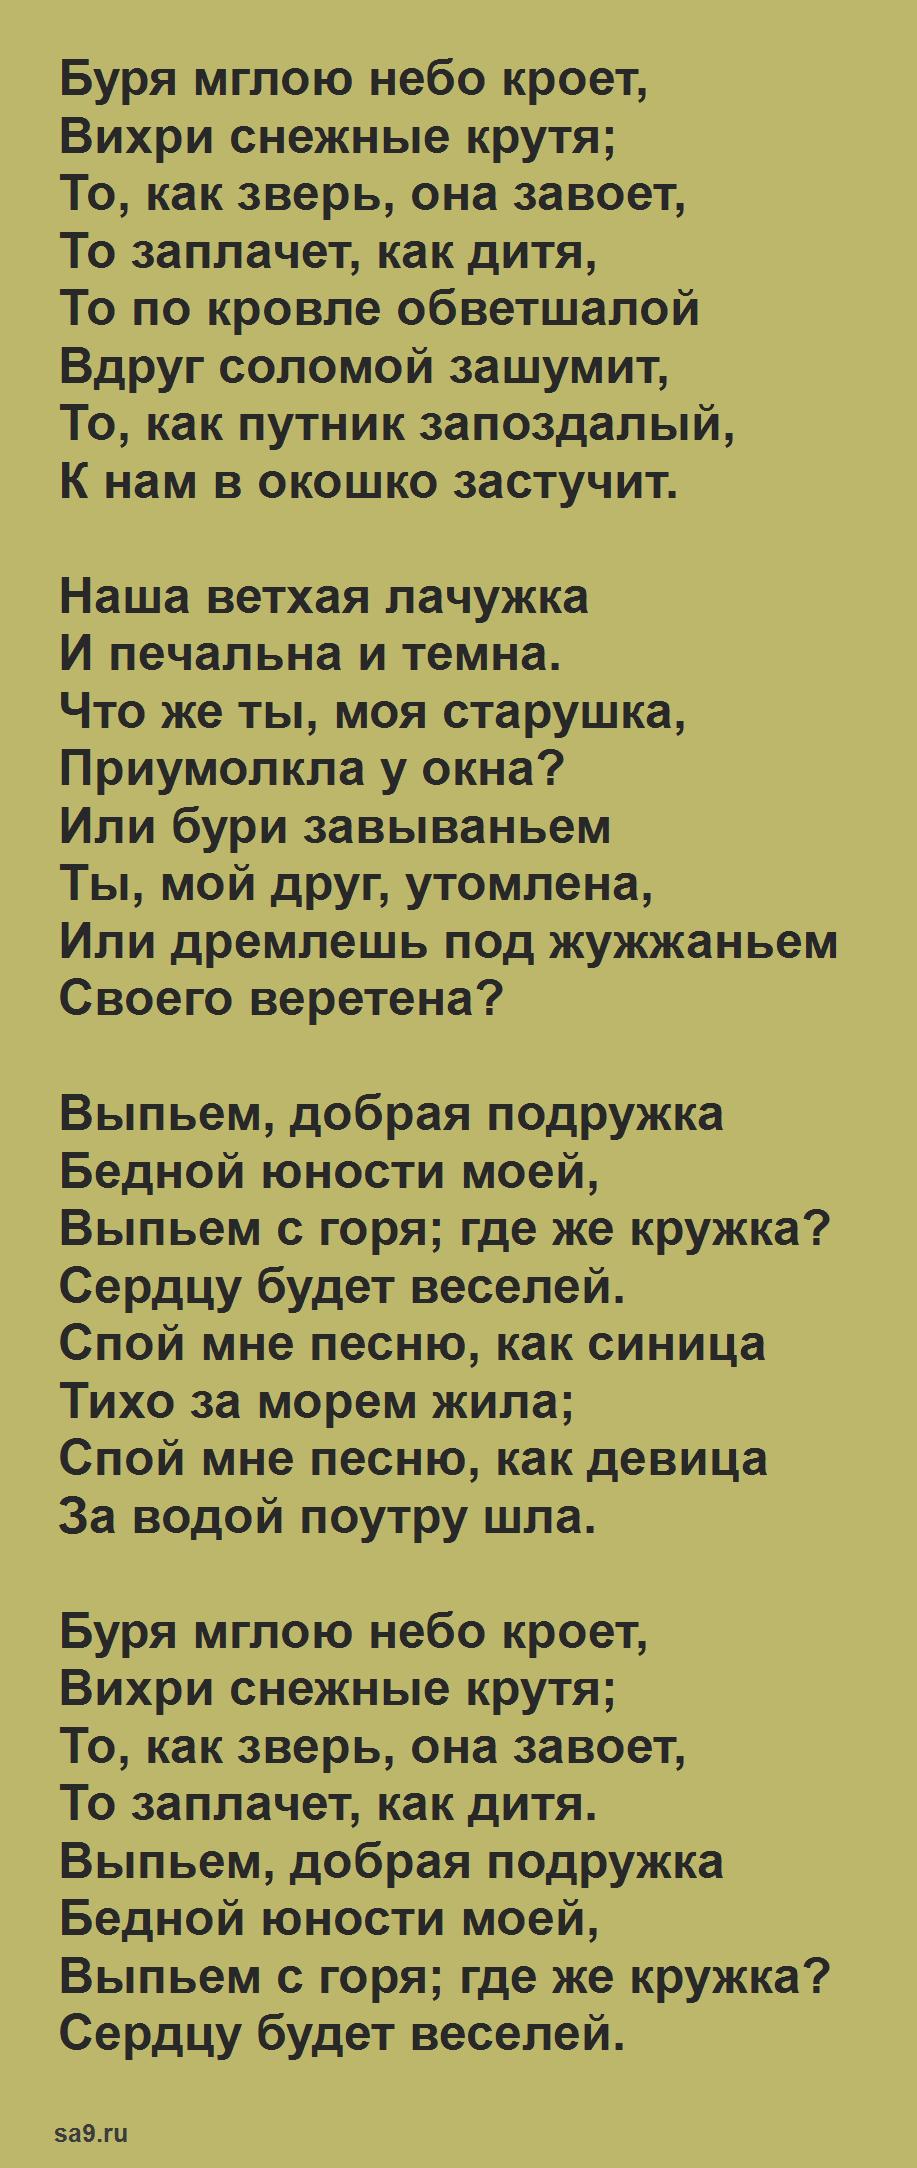 Читать стихи Пушкина о природе для детей 4 класса - Буря